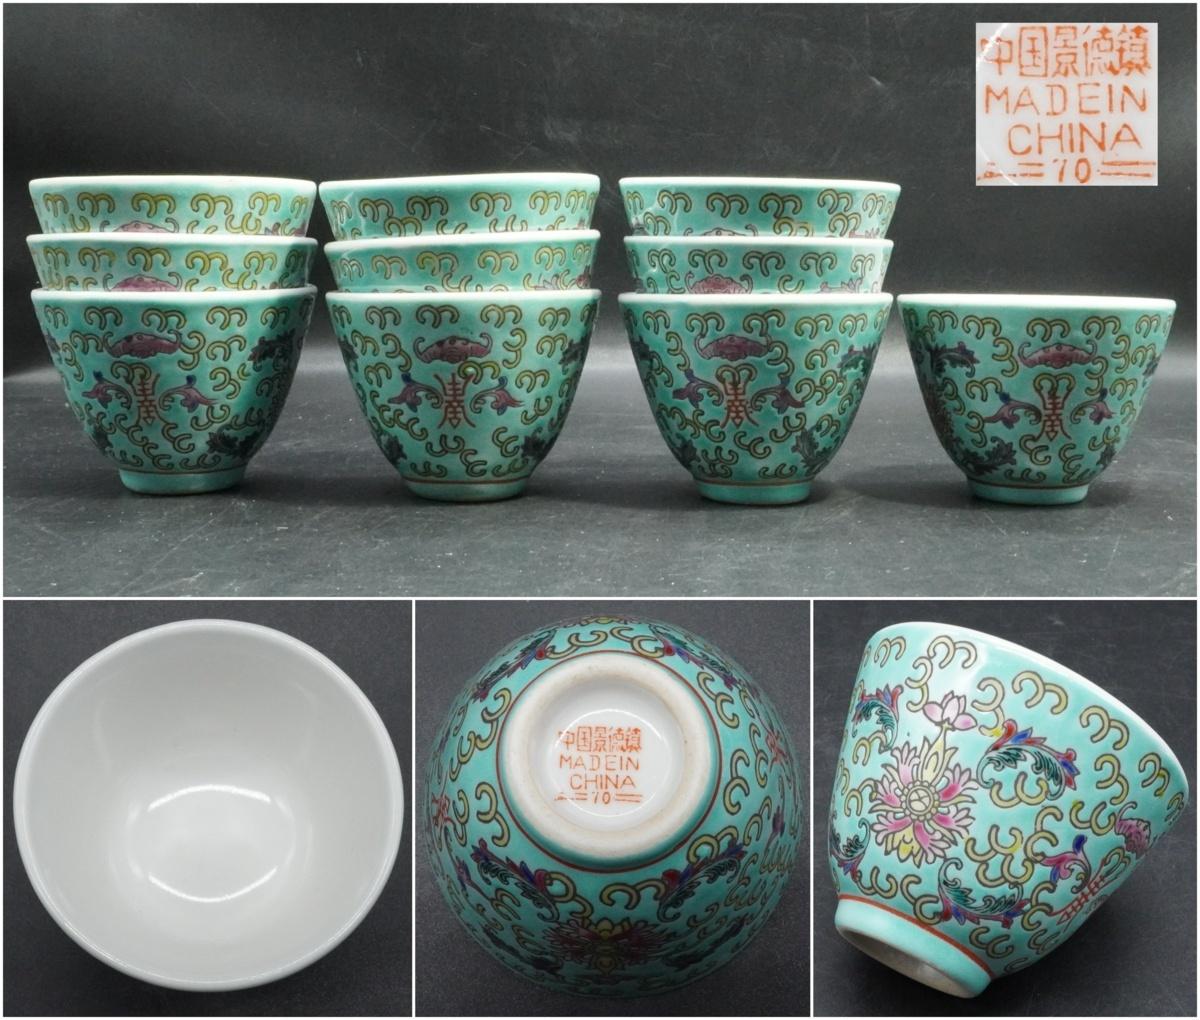 【楽久希】中国 景徳鎮 粉彩 唐草華紋 茶碗 10客 在銘 煎茶碗 茶杯 茶器 煎茶器 煎茶道具 唐物 中国美術